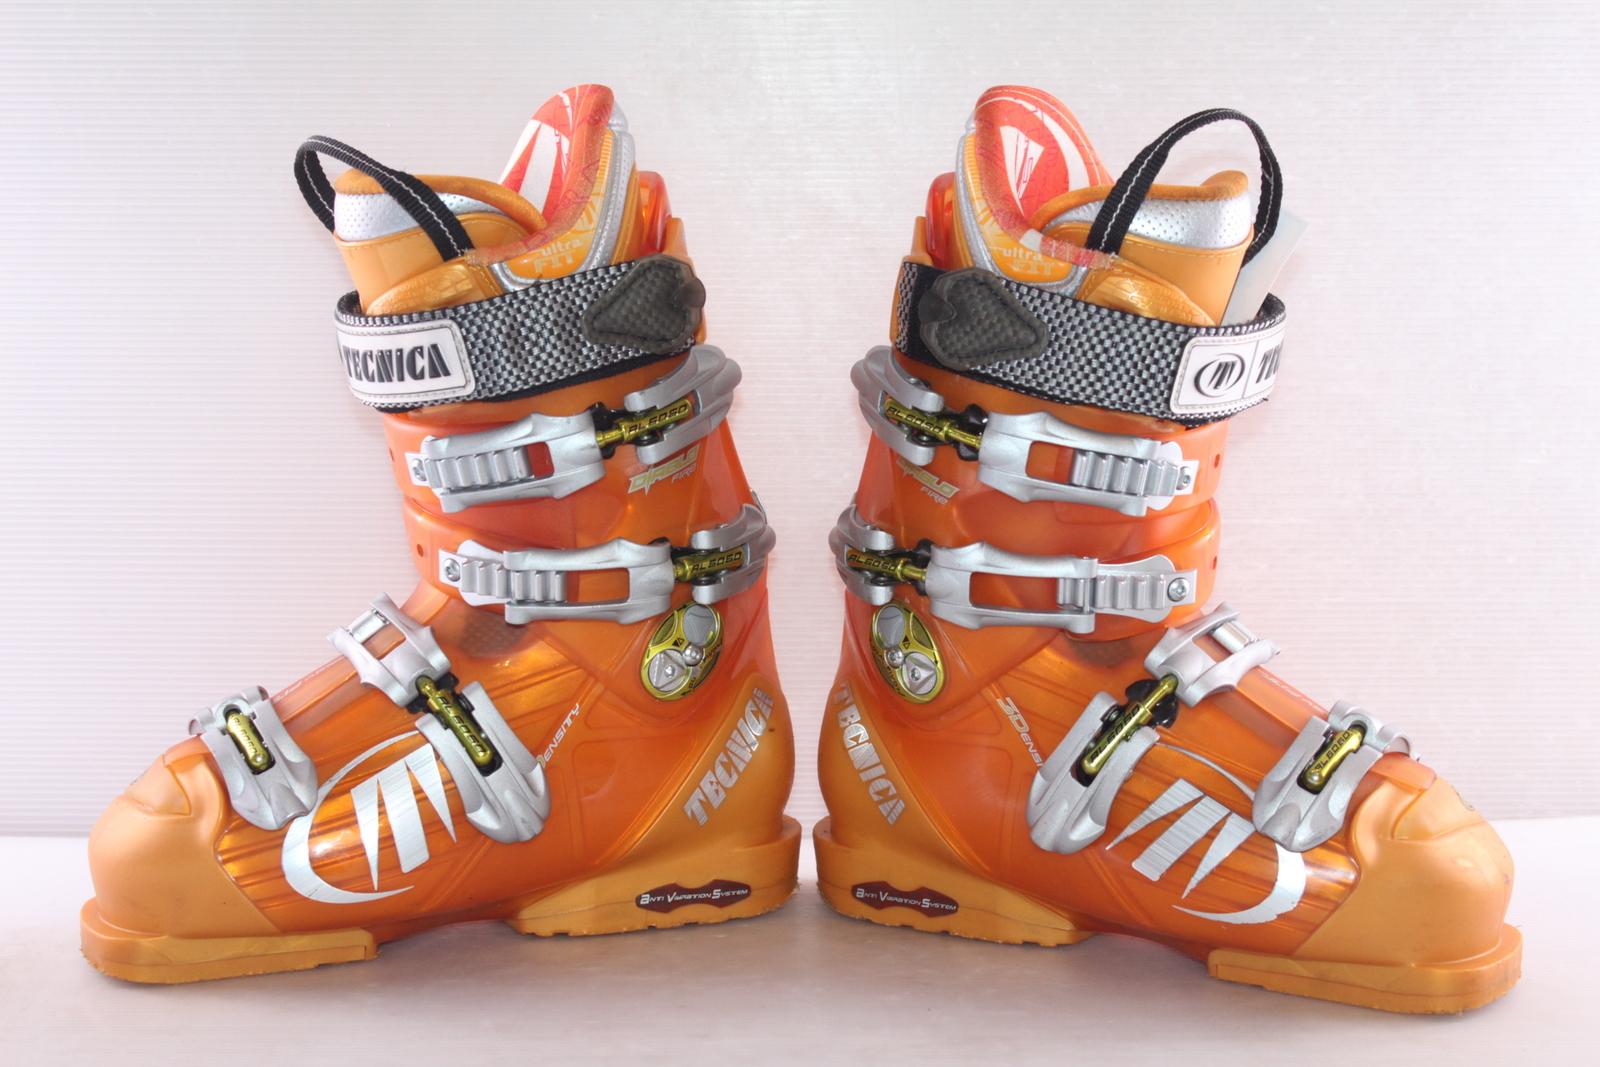 Lyžařské boty Tecnica Diablo Fire vel. EU38.5 flexe 100